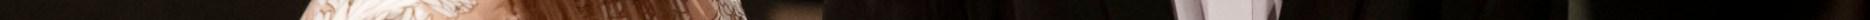 Solo recensioni positive per TUTTinSCENA 2019